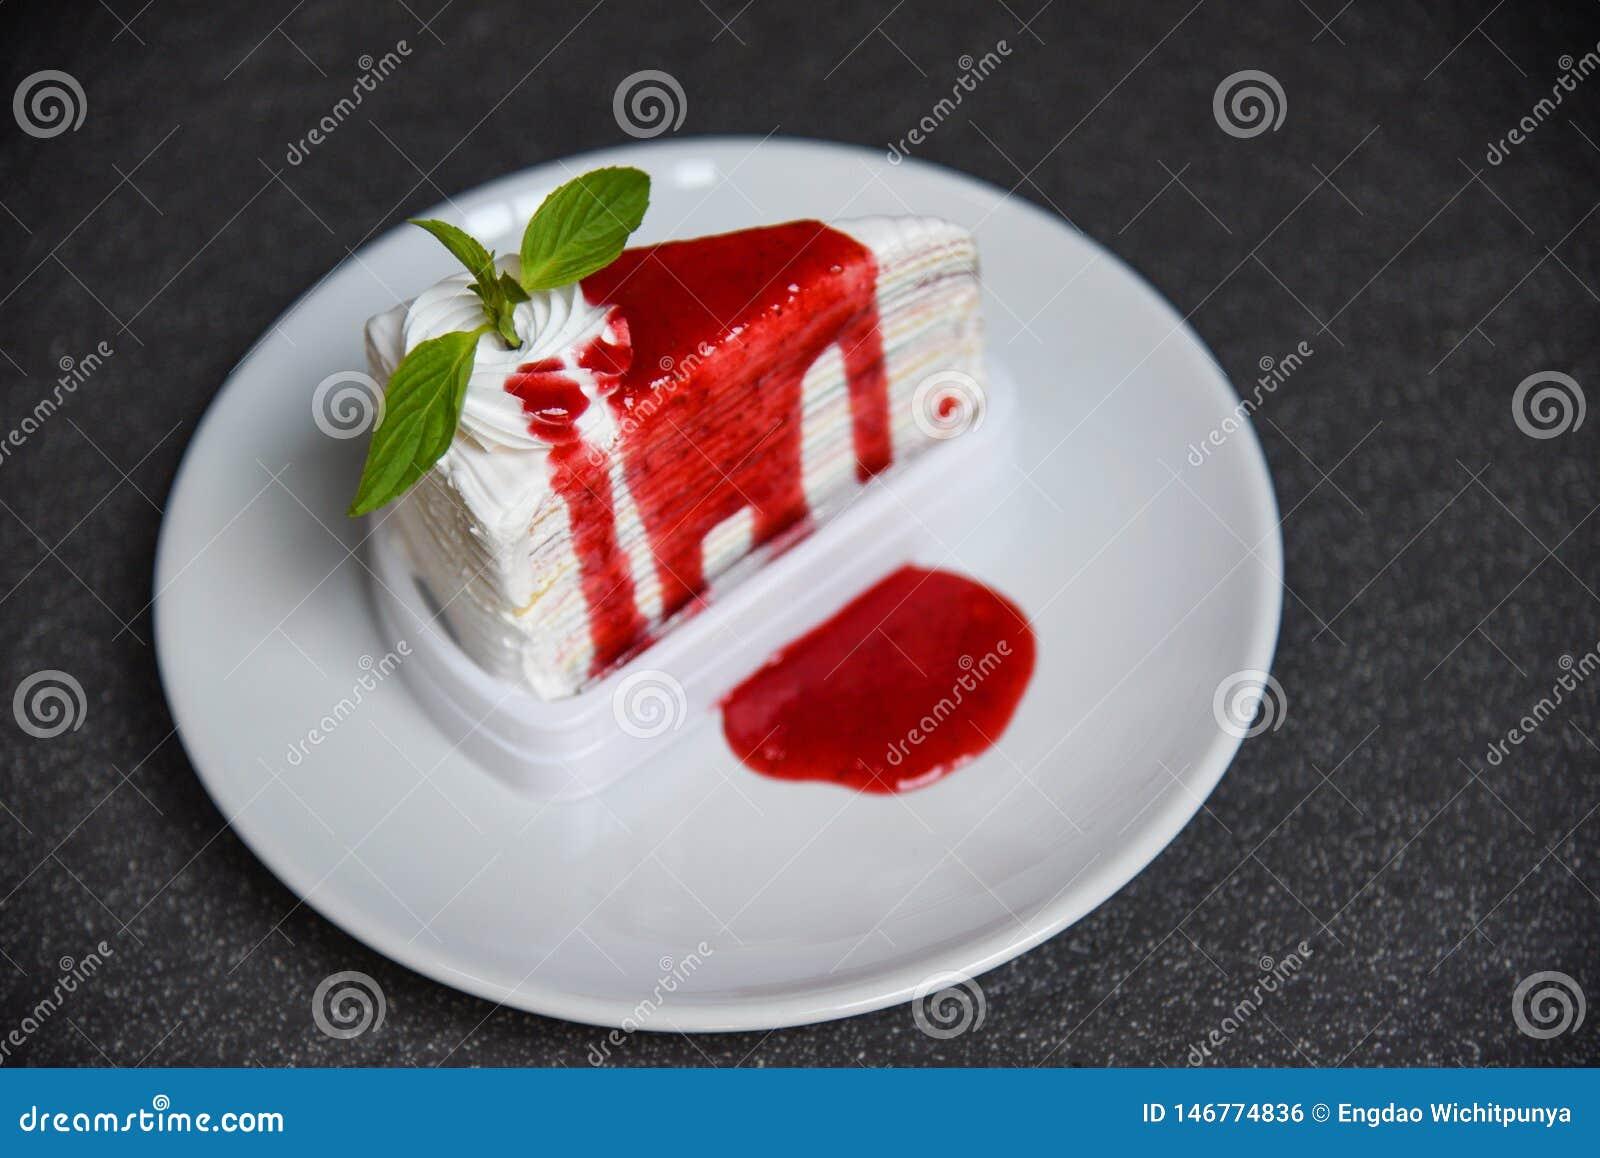 Tranche de gâteau de crêpe avec de la sauce à fraise du plat blanc sur le fond foncé